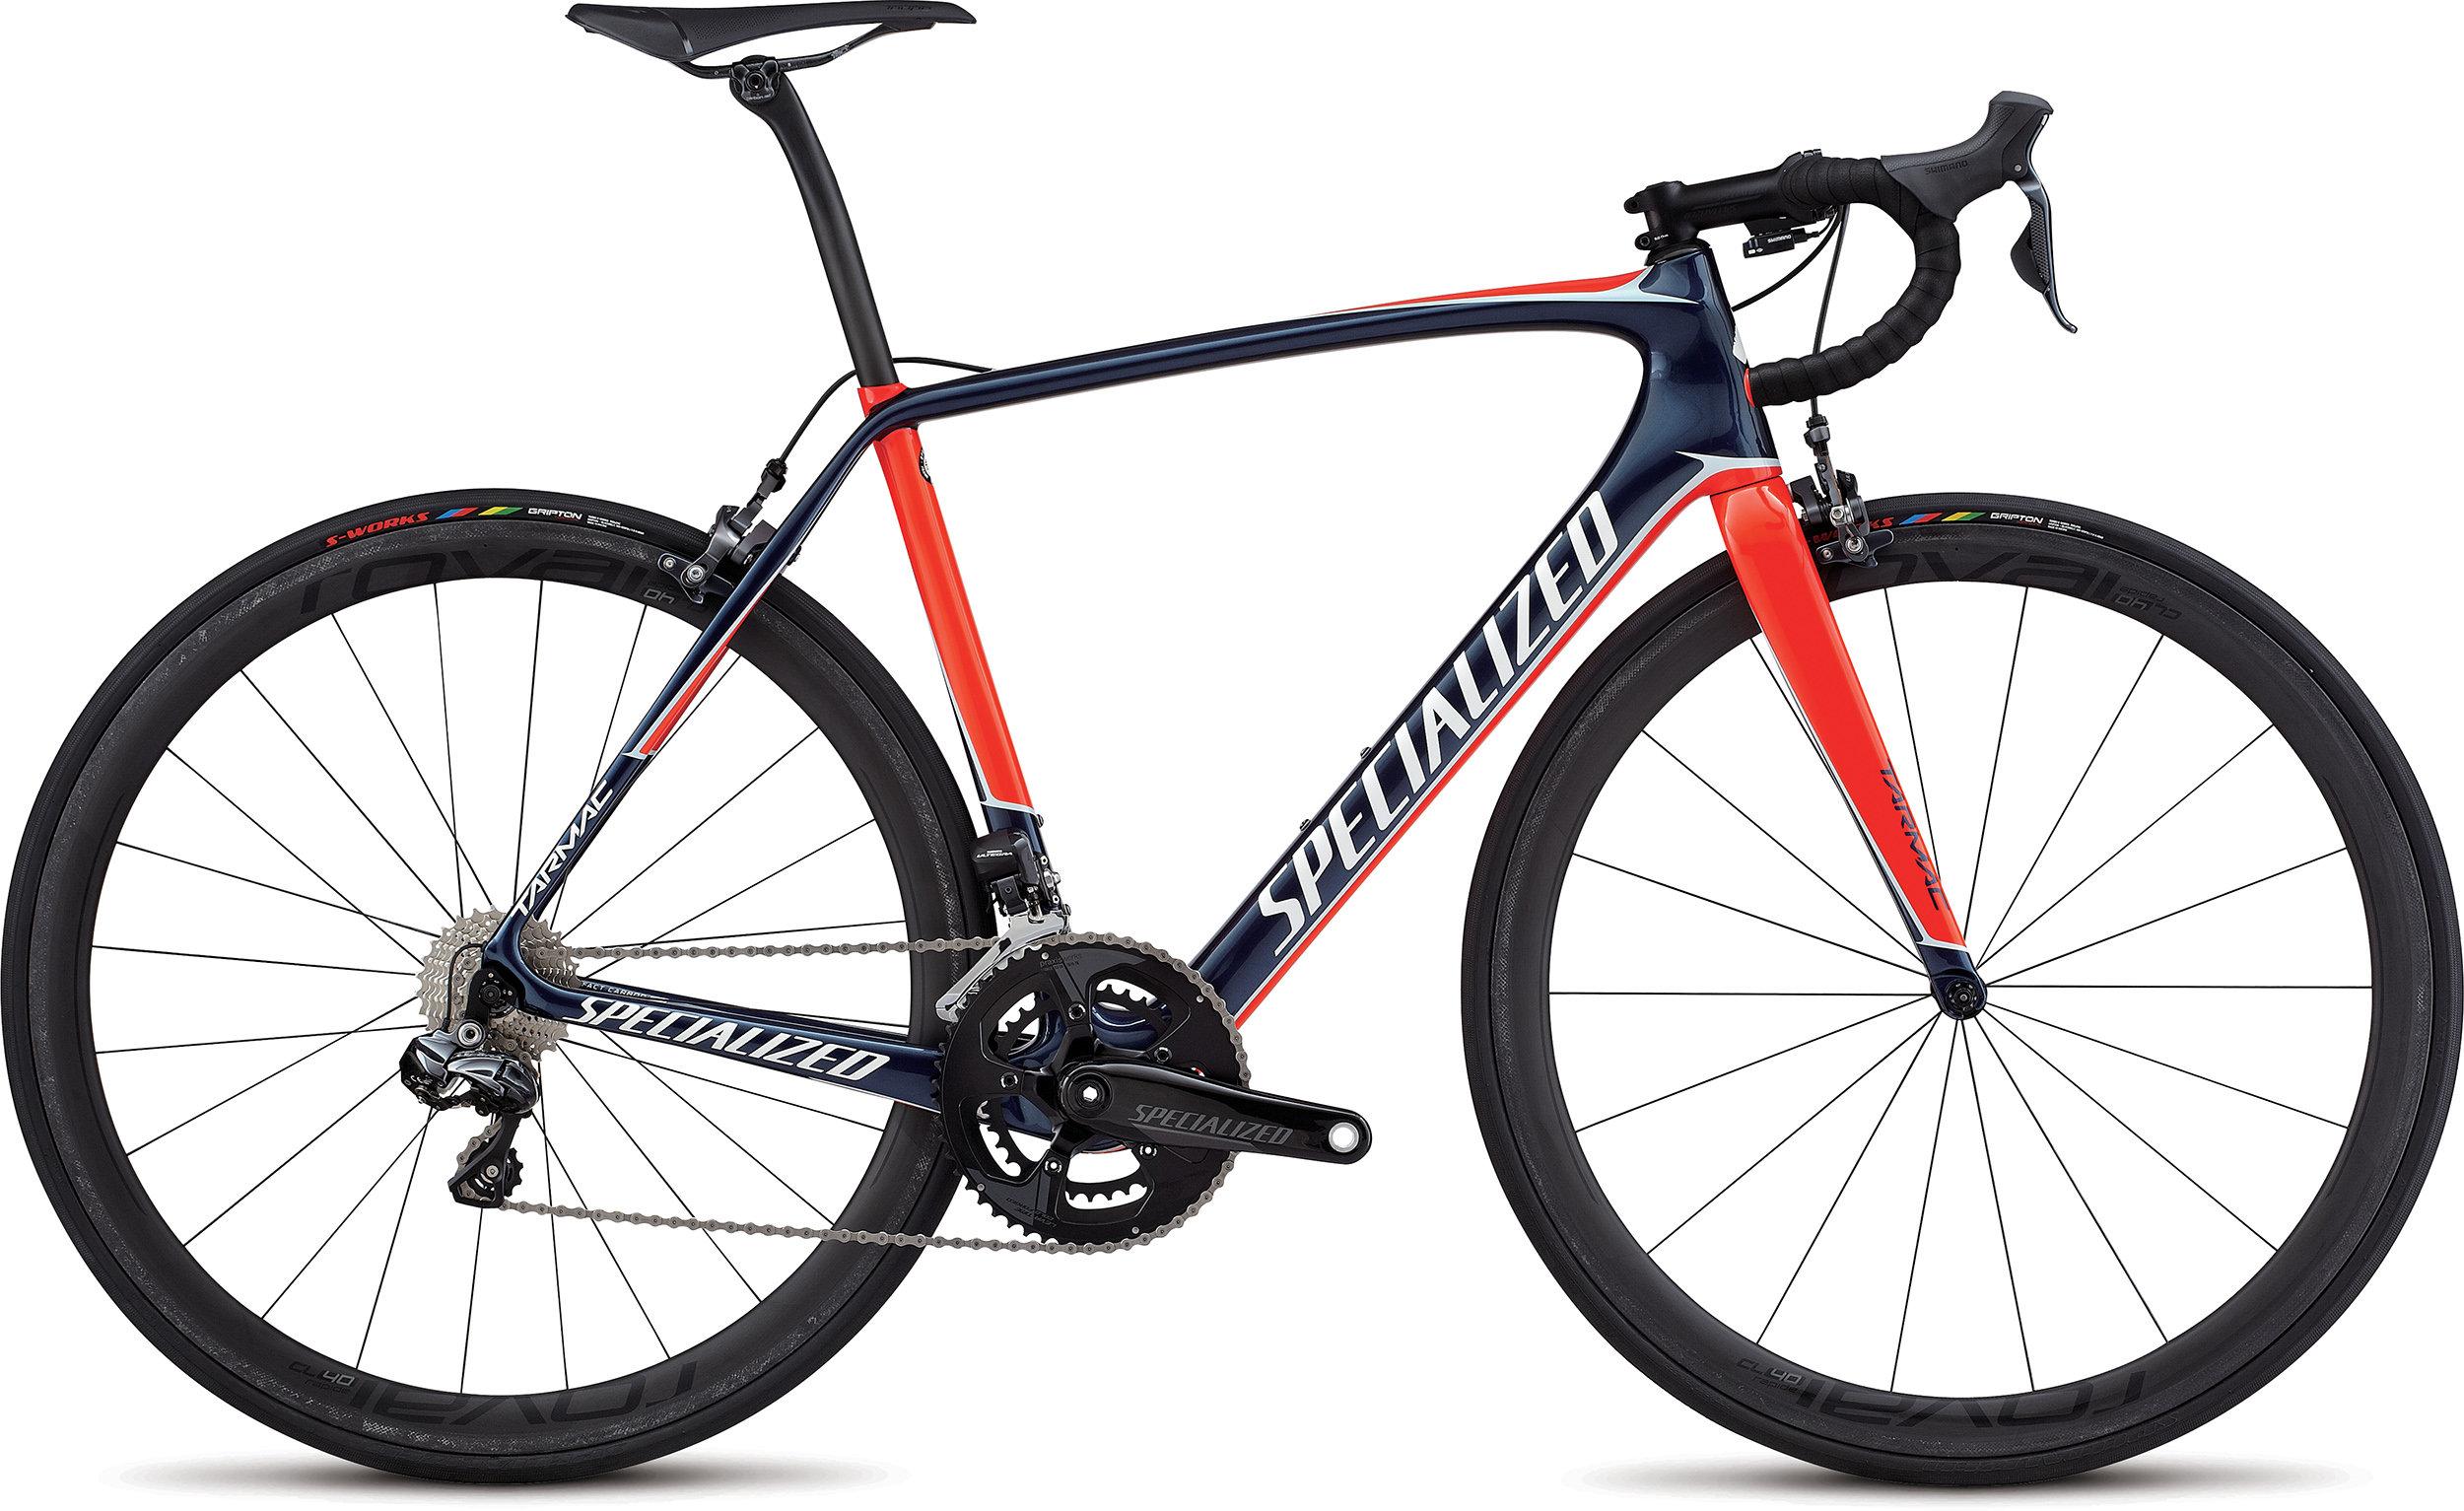 SPECIALIZED TARMAC PRO UDI2 NVY/BBYBLU/RKTRED 49 - Bike Maniac